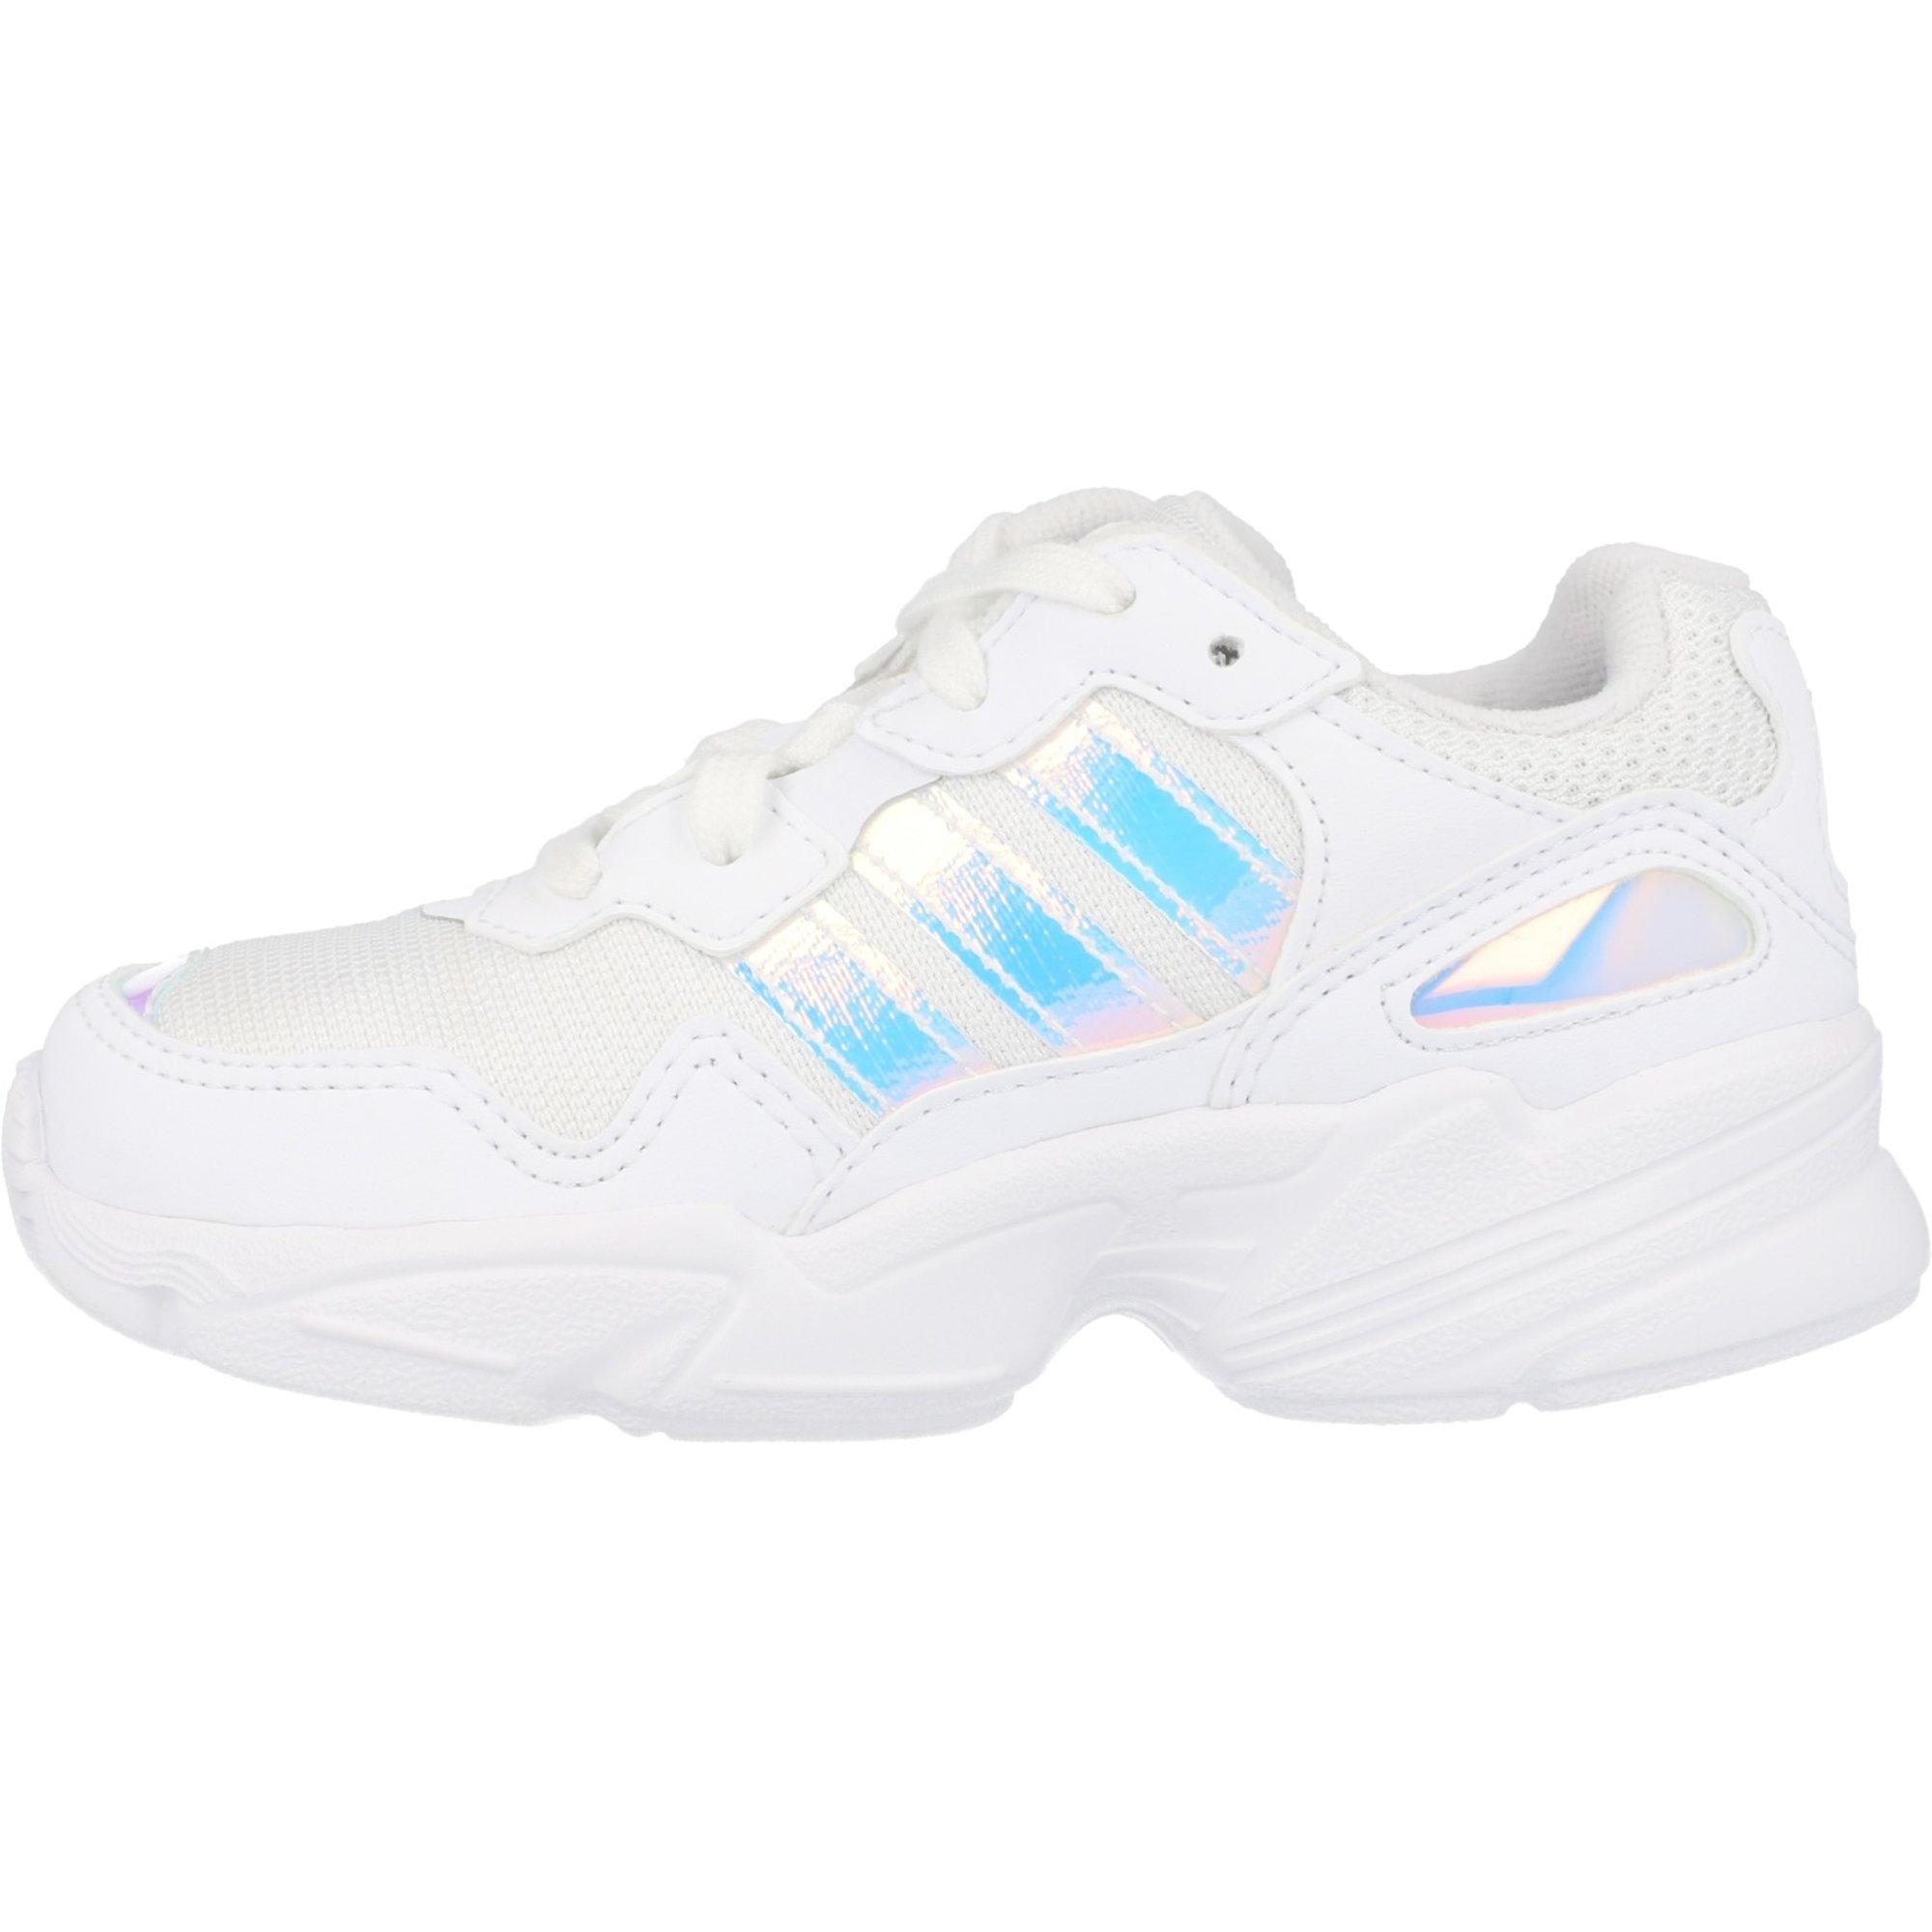 adidas Originals Yung-96 C White